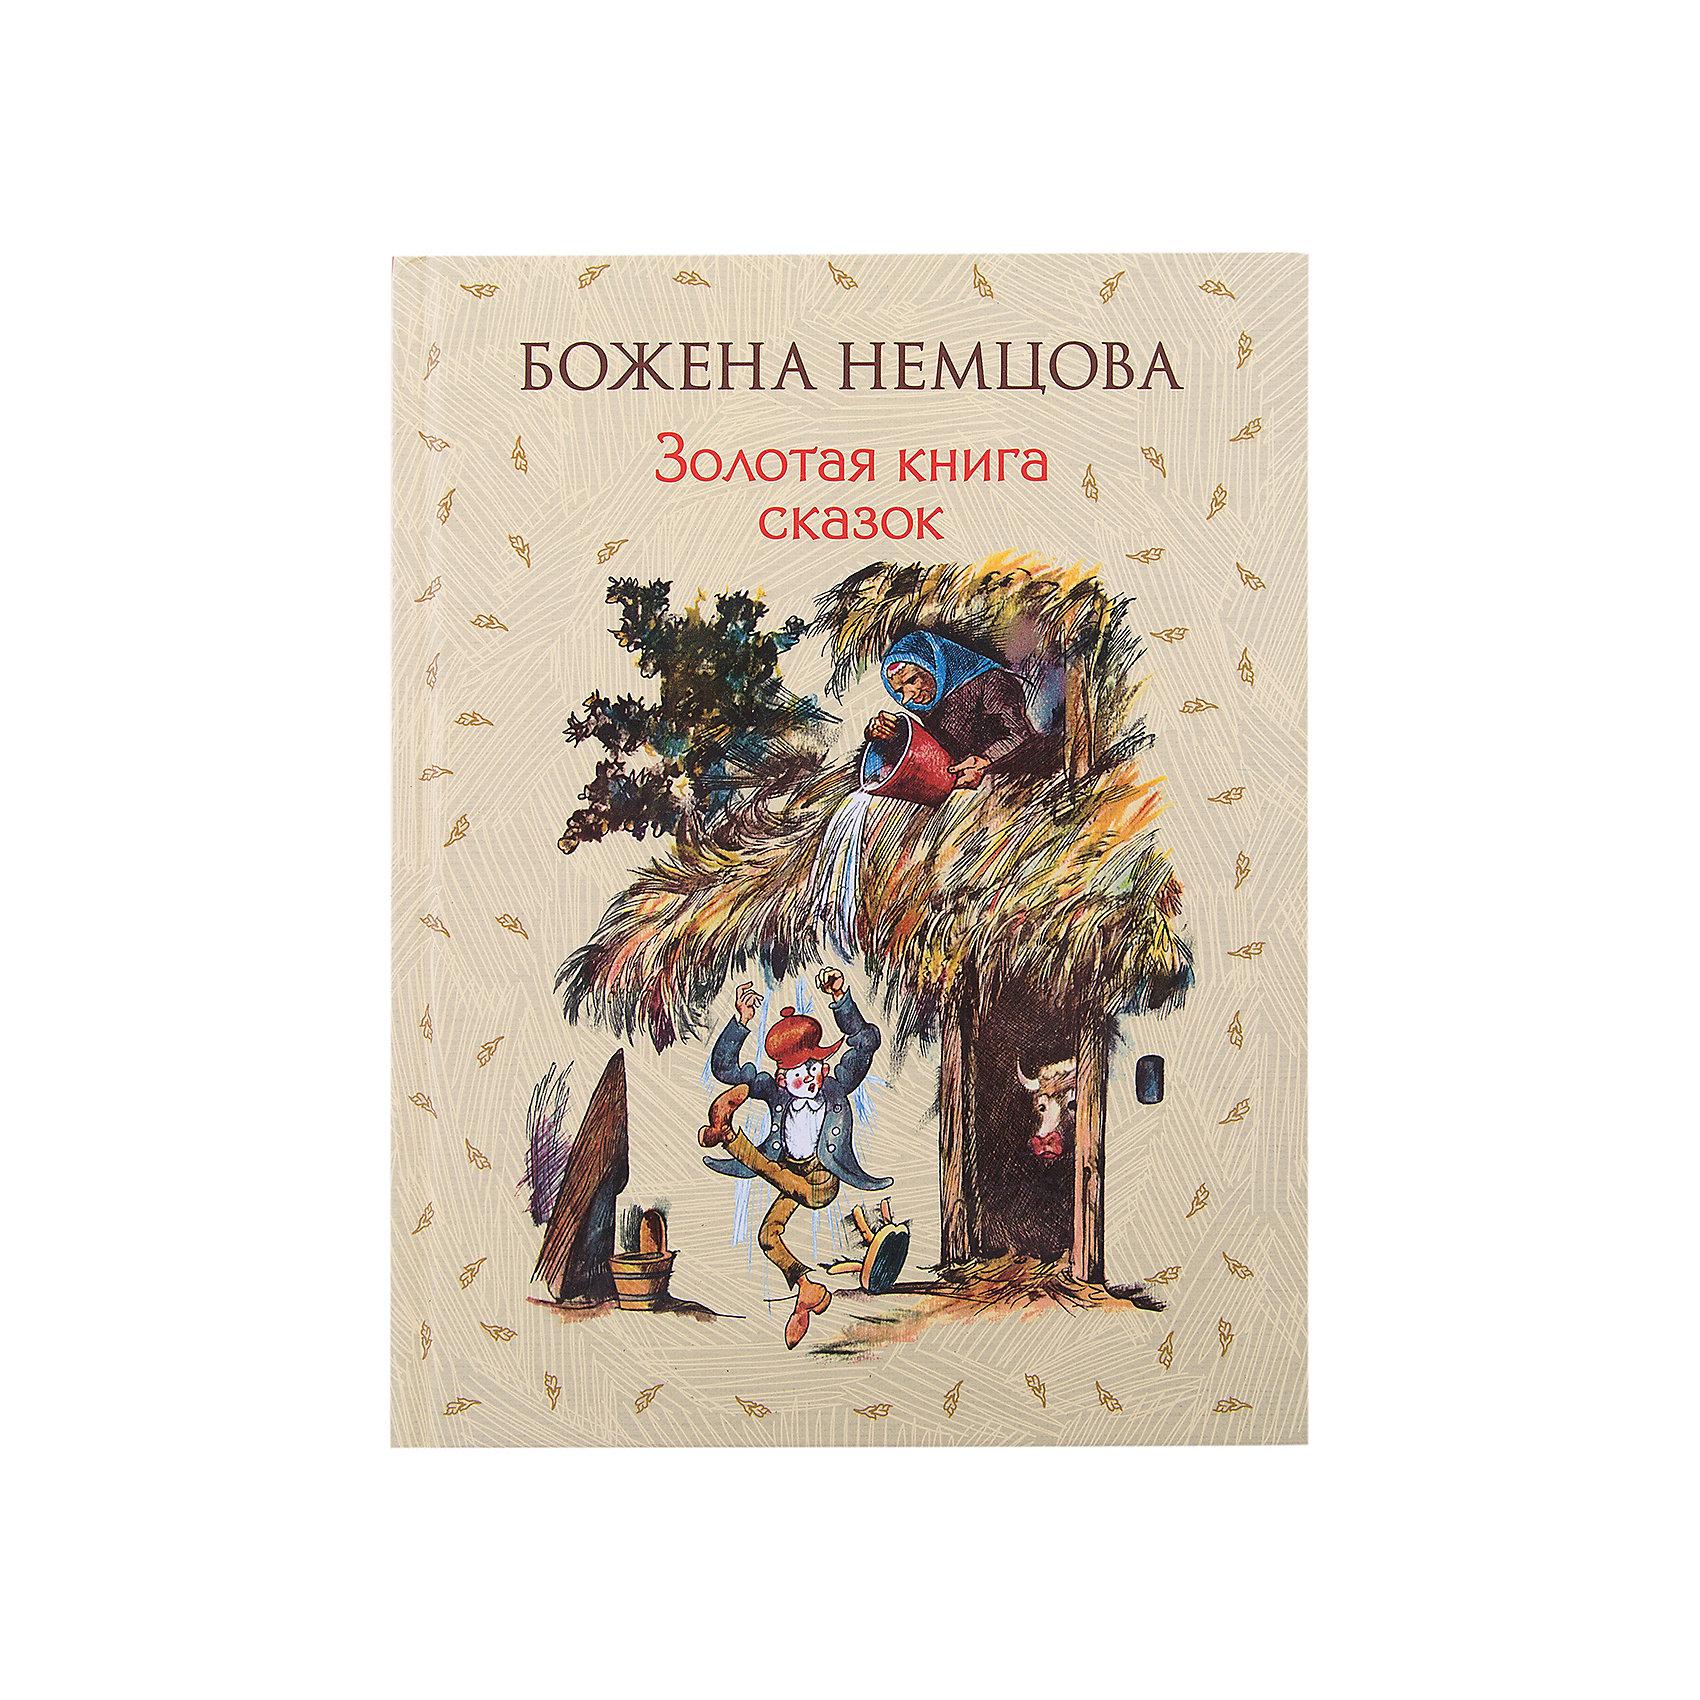 Золотая книга сказок, ил. Ш. Цпина, Б. НемцоваСказки<br>Характеристики товара: <br><br>• ISBN: 9785699874781<br>• возраст от: 5 лет<br>• формат: 72x94/16<br>• бумага: офсетная<br>• обложка: твердая<br>• иллюстрации: цветные, черно-белые<br>• серия: Золотое наследие<br>• издательство: Эксмо<br>• автор: Немцова Божена<br>• художник: Цпин Штефан<br>• переводчик: Петрова В.<br>• количество страниц: 216<br>• размеры: 21x17 см<br><br>Есть сказки, которые остаются актуальными и любимыми многими поколениями. В книге «Золотая книга сказок» собраны известные произведения от признанного мастера Европы.<br><br>Отличное качество издания, красочные иллюстрации известного художника - всё это поможет проникнуться атмосферой любимых сказок.<br><br>Книгу «Золотая книга сказок (ил. Ш. Цпина)» можно купить в нашем интернет-магазине.<br><br>Ширина мм: 219<br>Глубина мм: 165<br>Высота мм: 200<br>Вес г: 628<br>Возраст от месяцев: 60<br>Возраст до месяцев: 2147483647<br>Пол: Унисекс<br>Возраст: Детский<br>SKU: 5535309